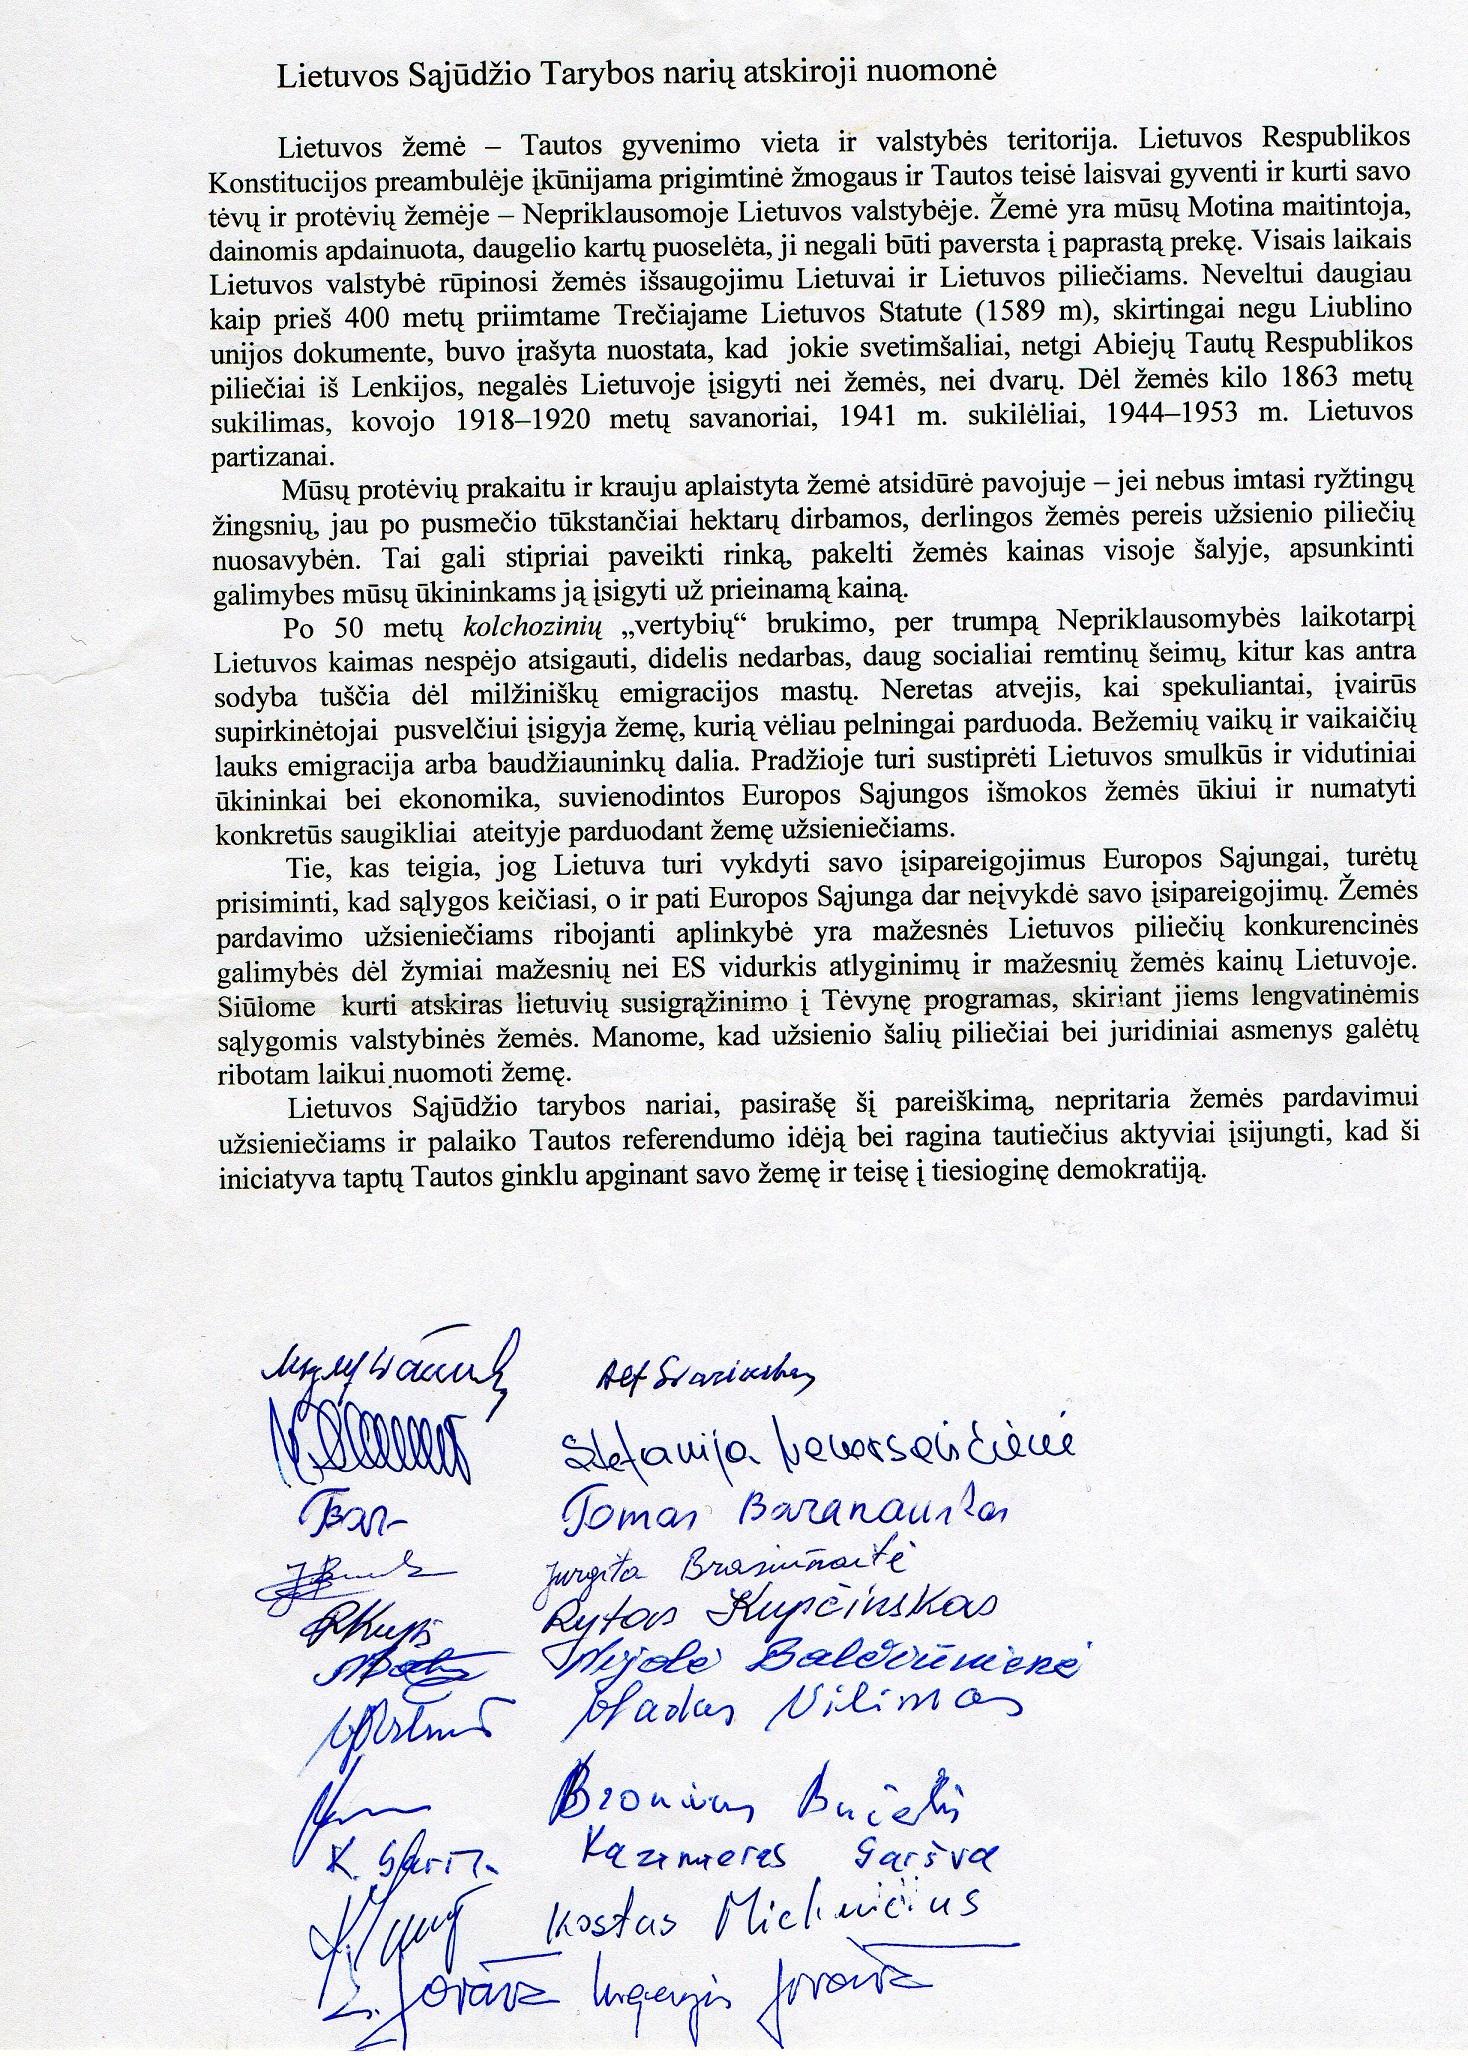 Lietuvos Sąjūdžio Tarybos narių atskiroji nuomonė